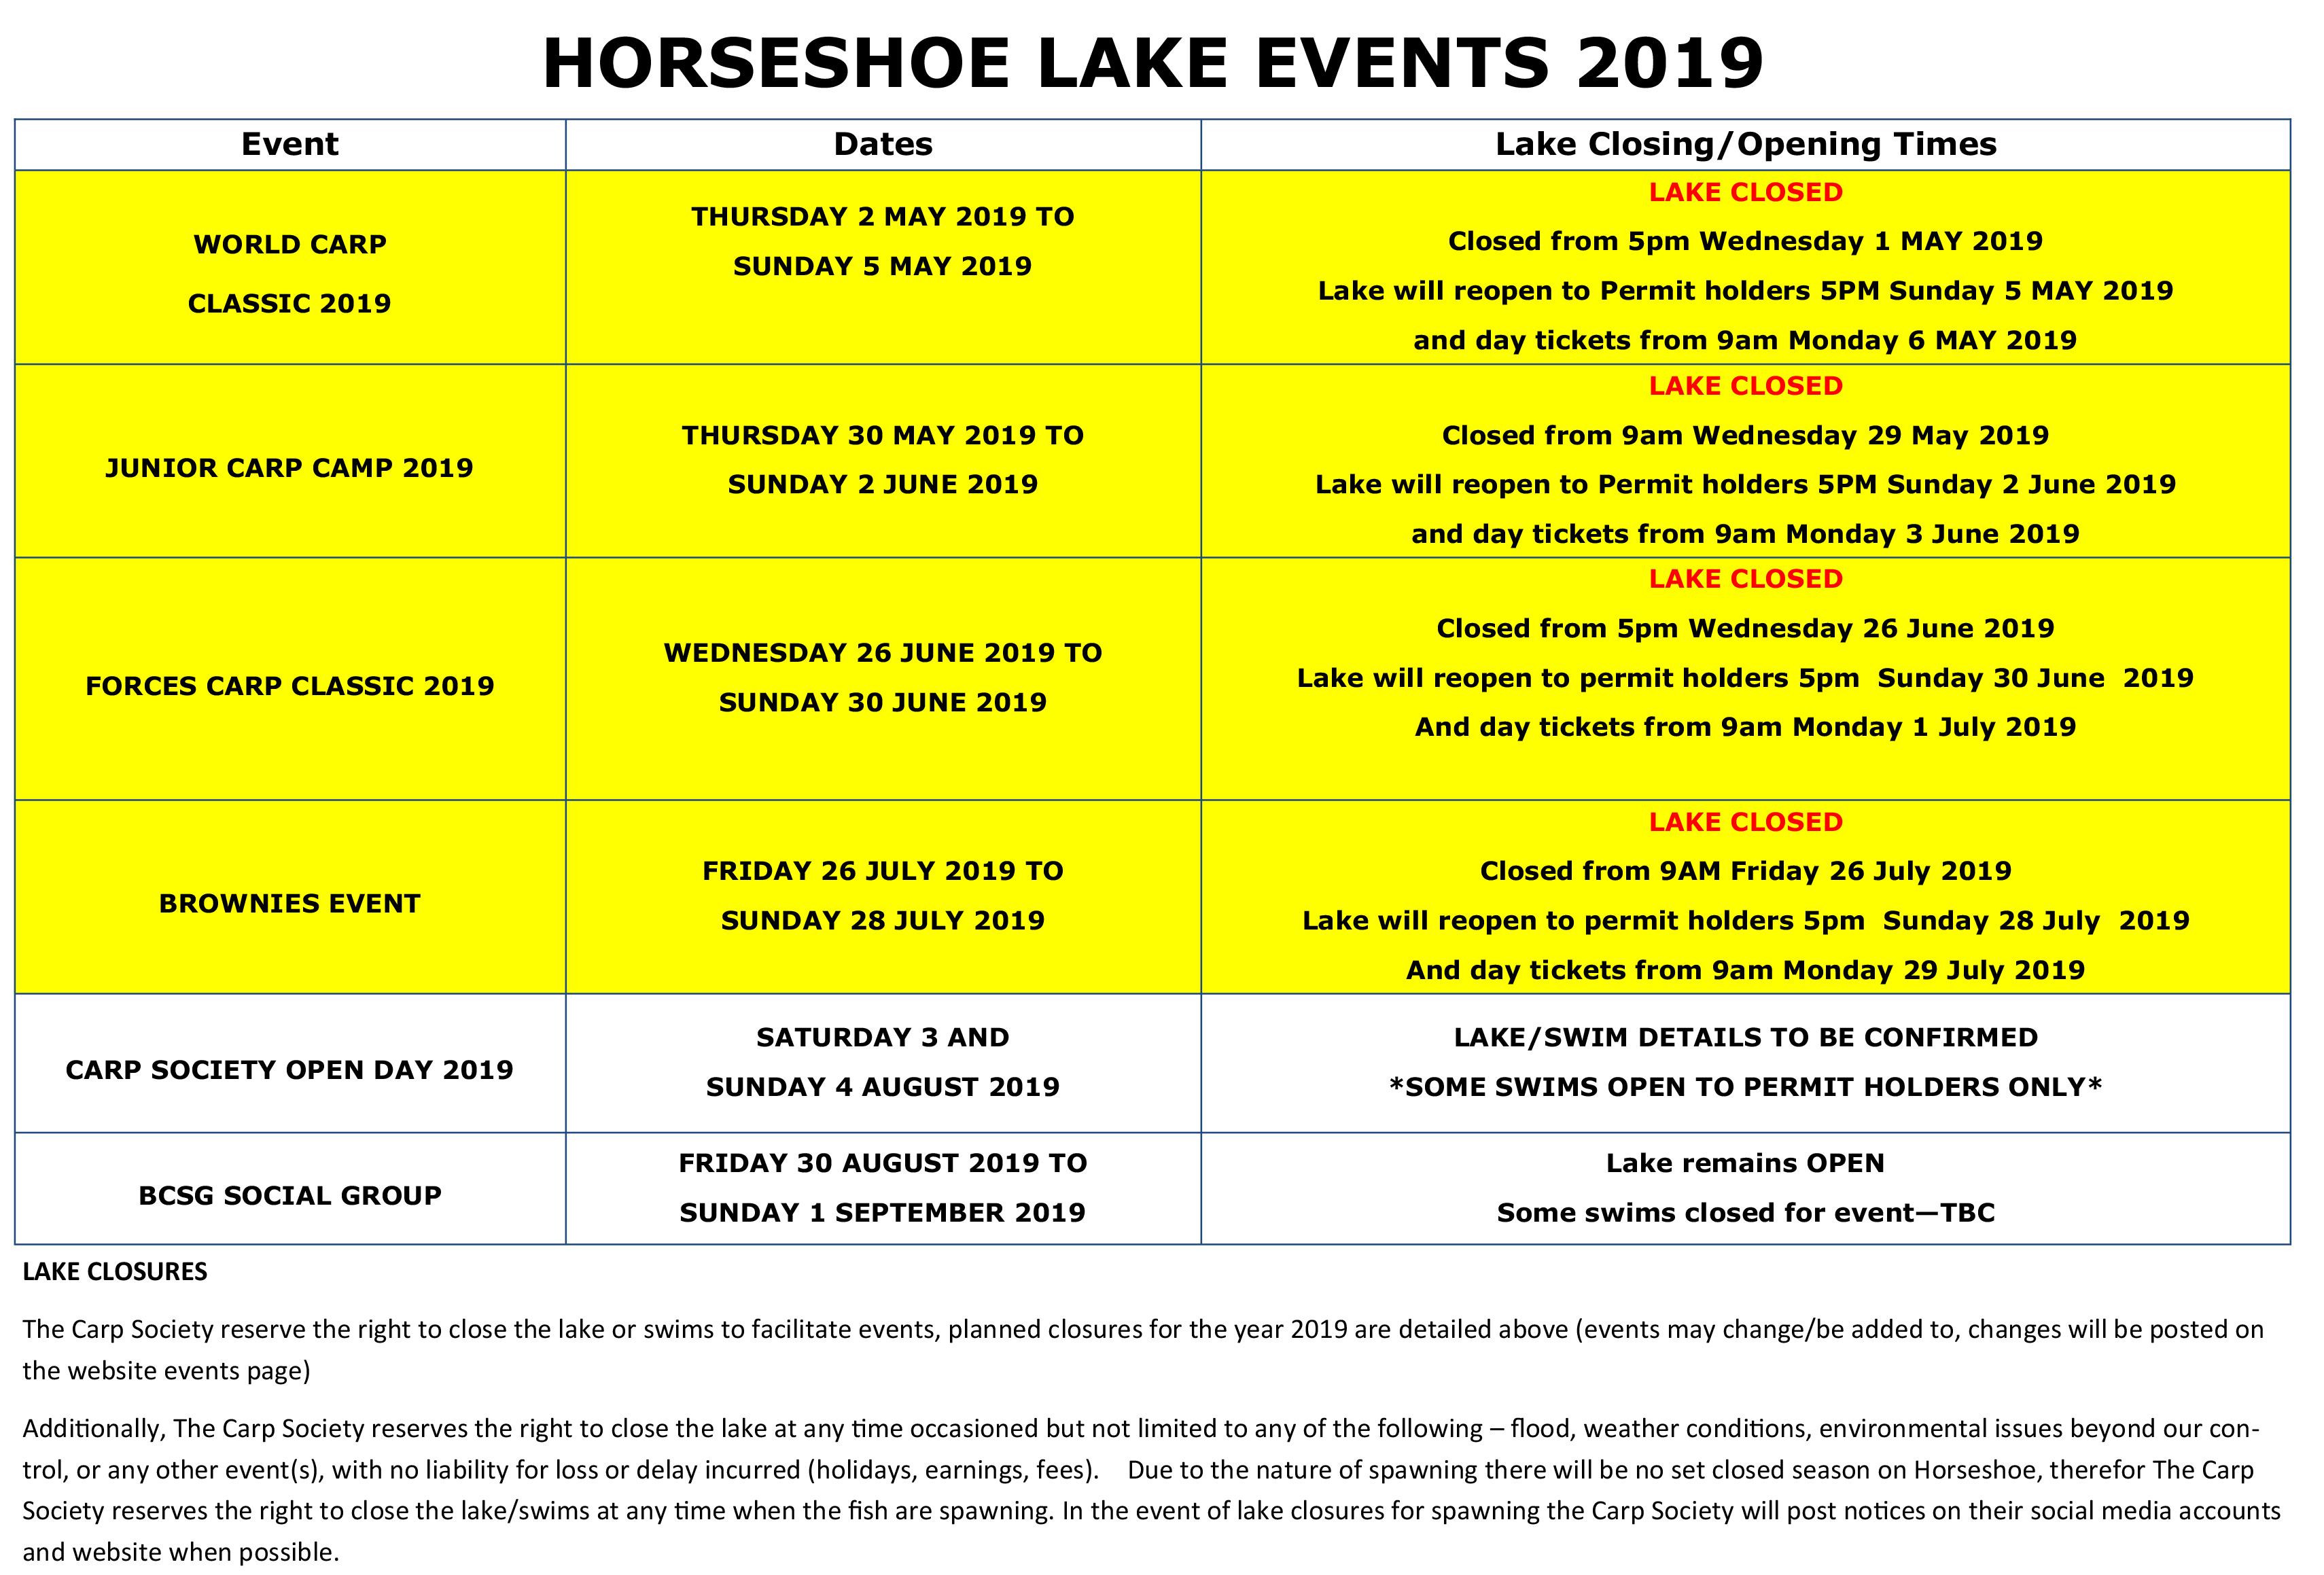 EVENTS - HORSESHOE LAKE 2019